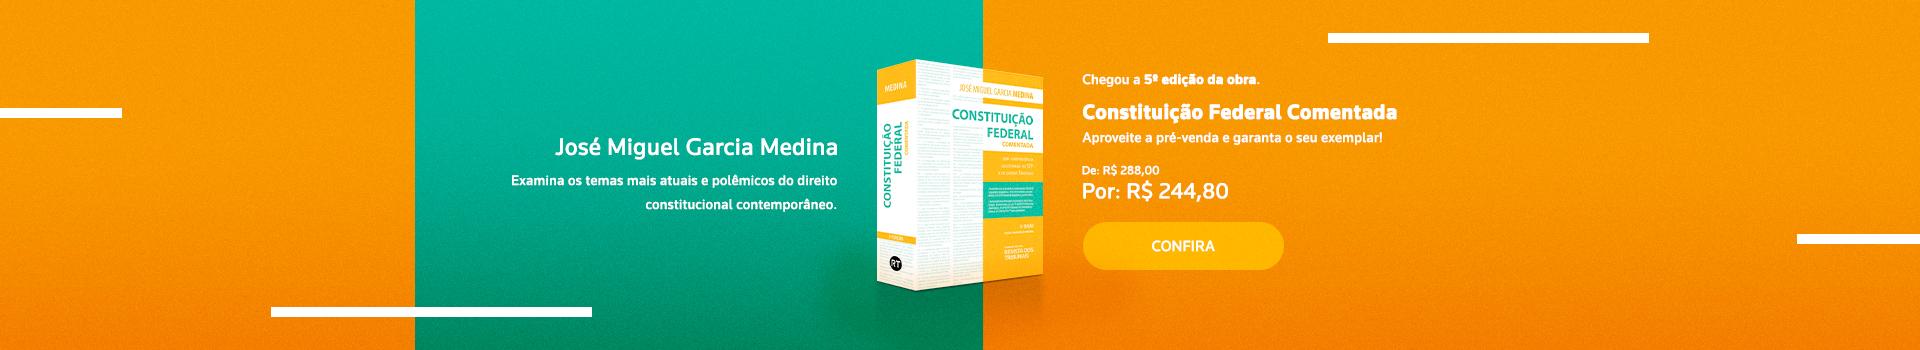 Constituição Federal Comentada 5º edição